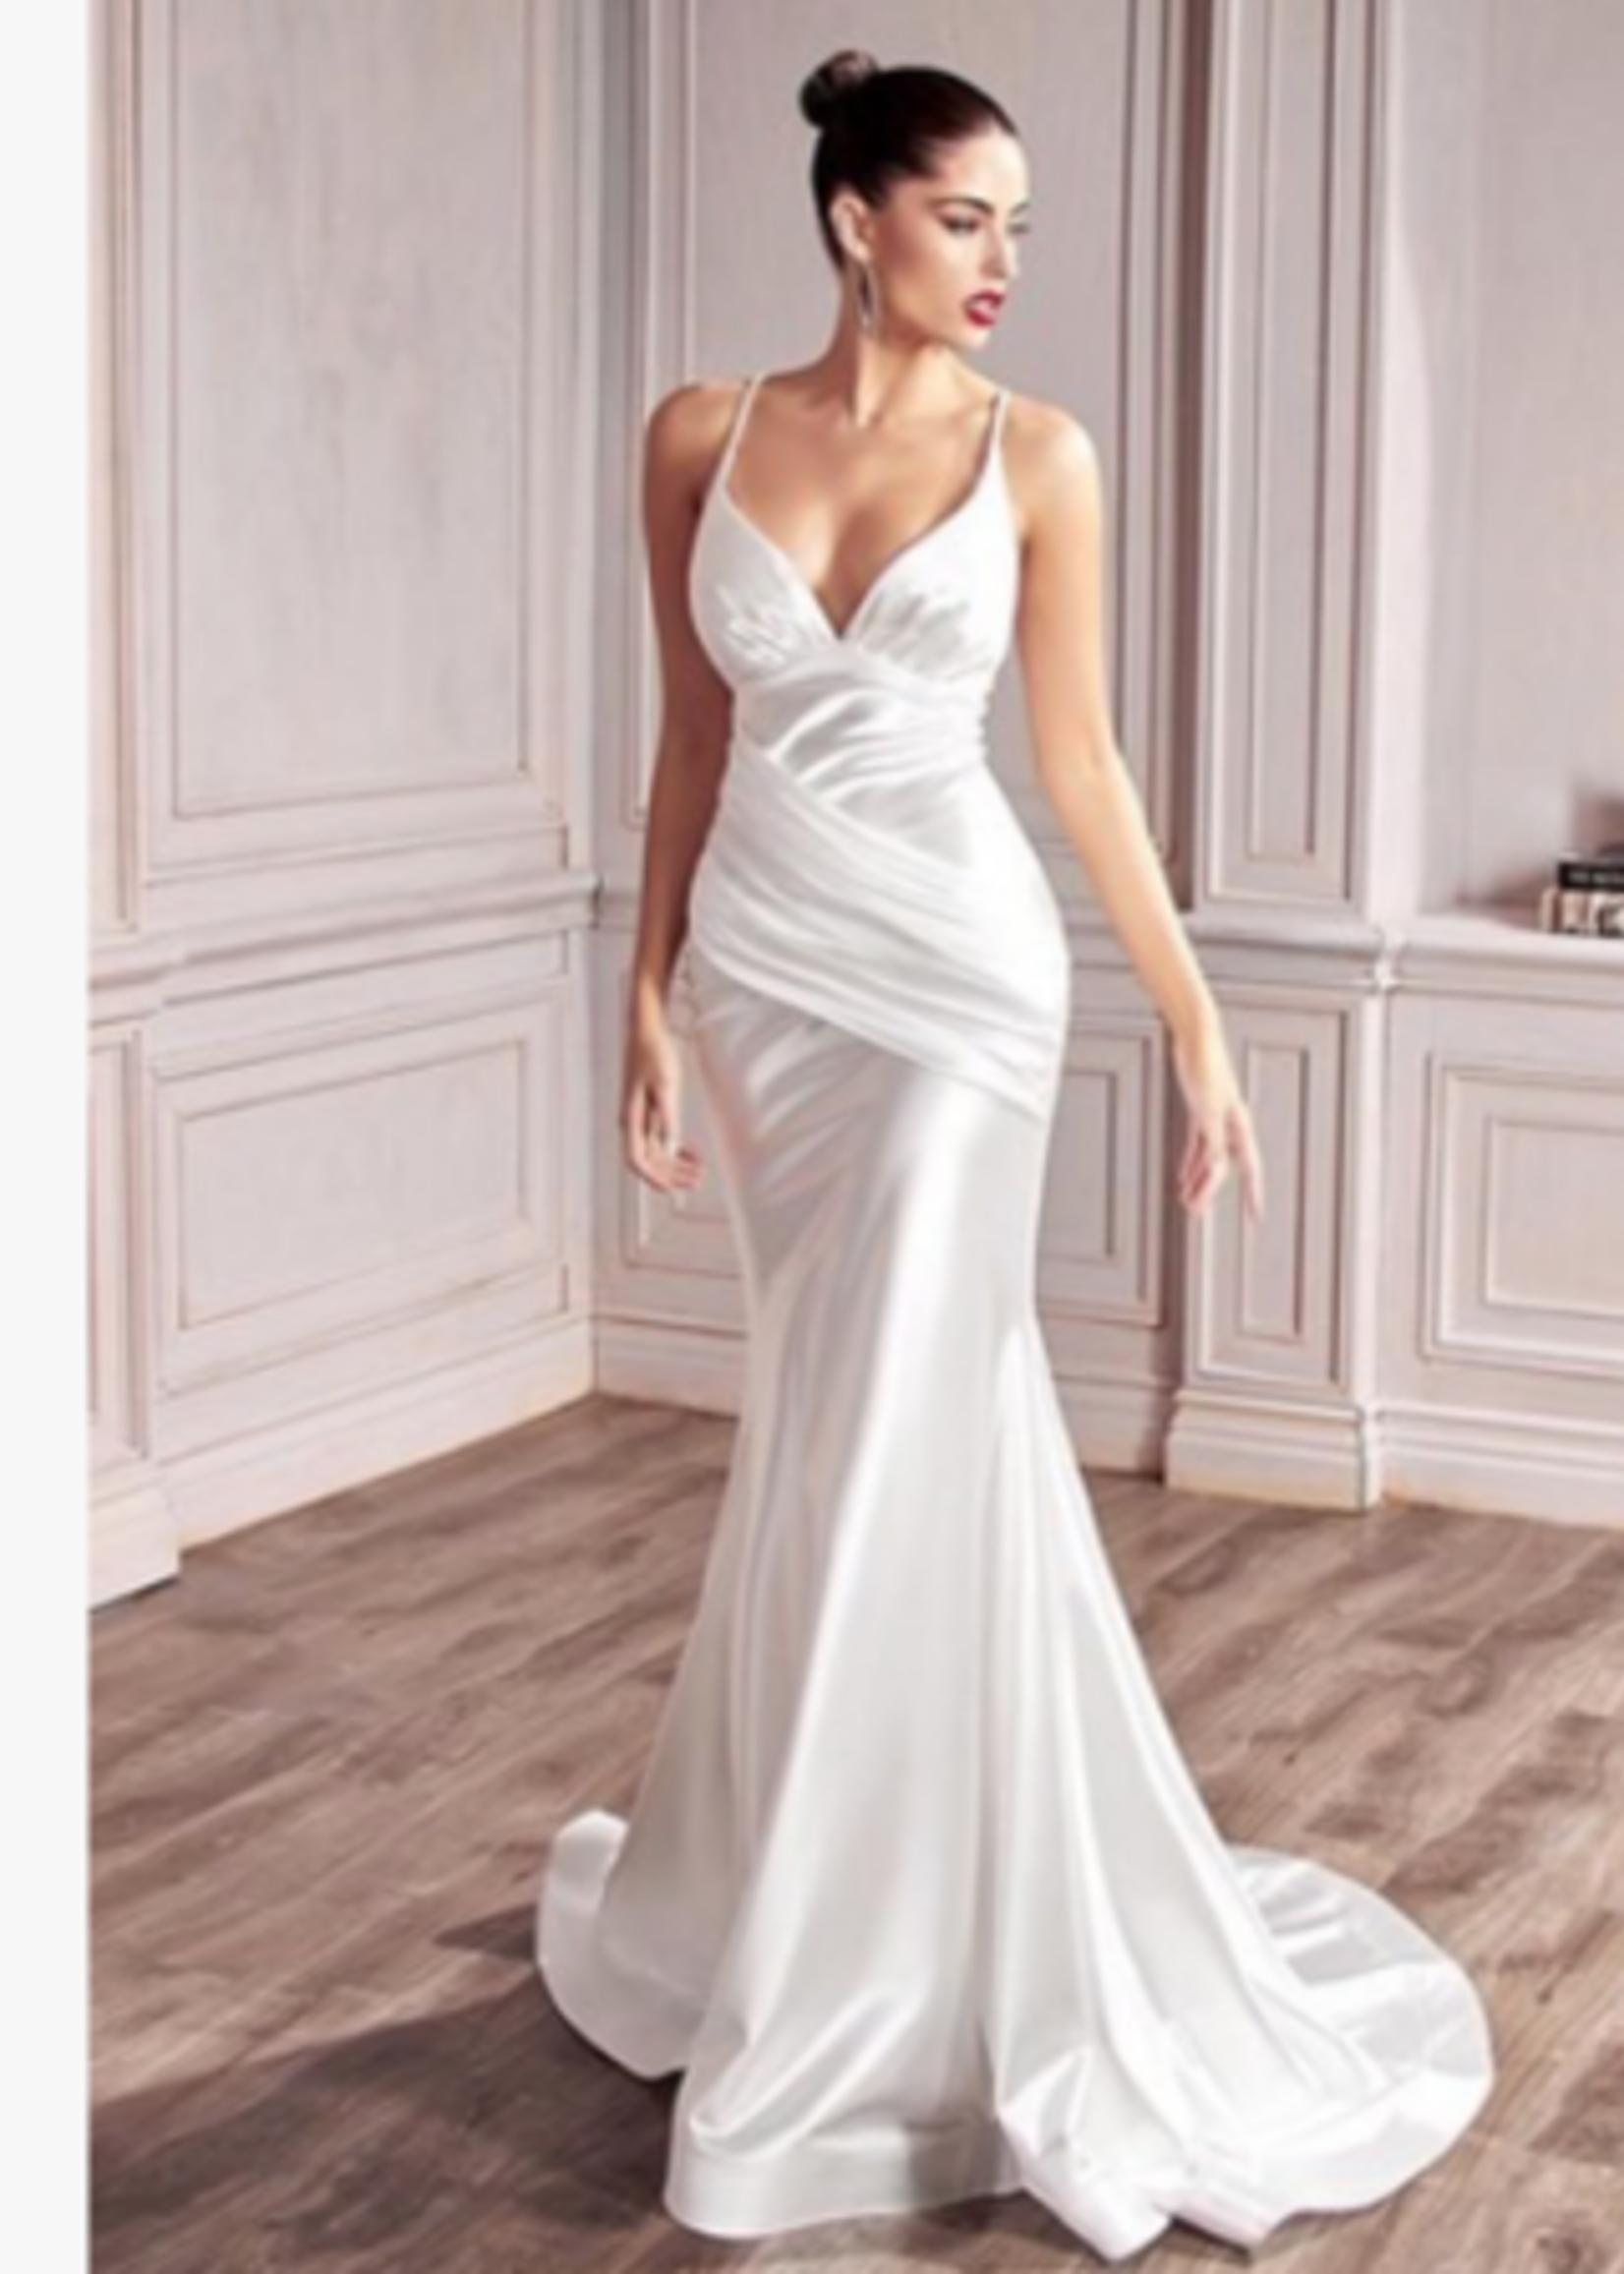 Satin Dream White Dress